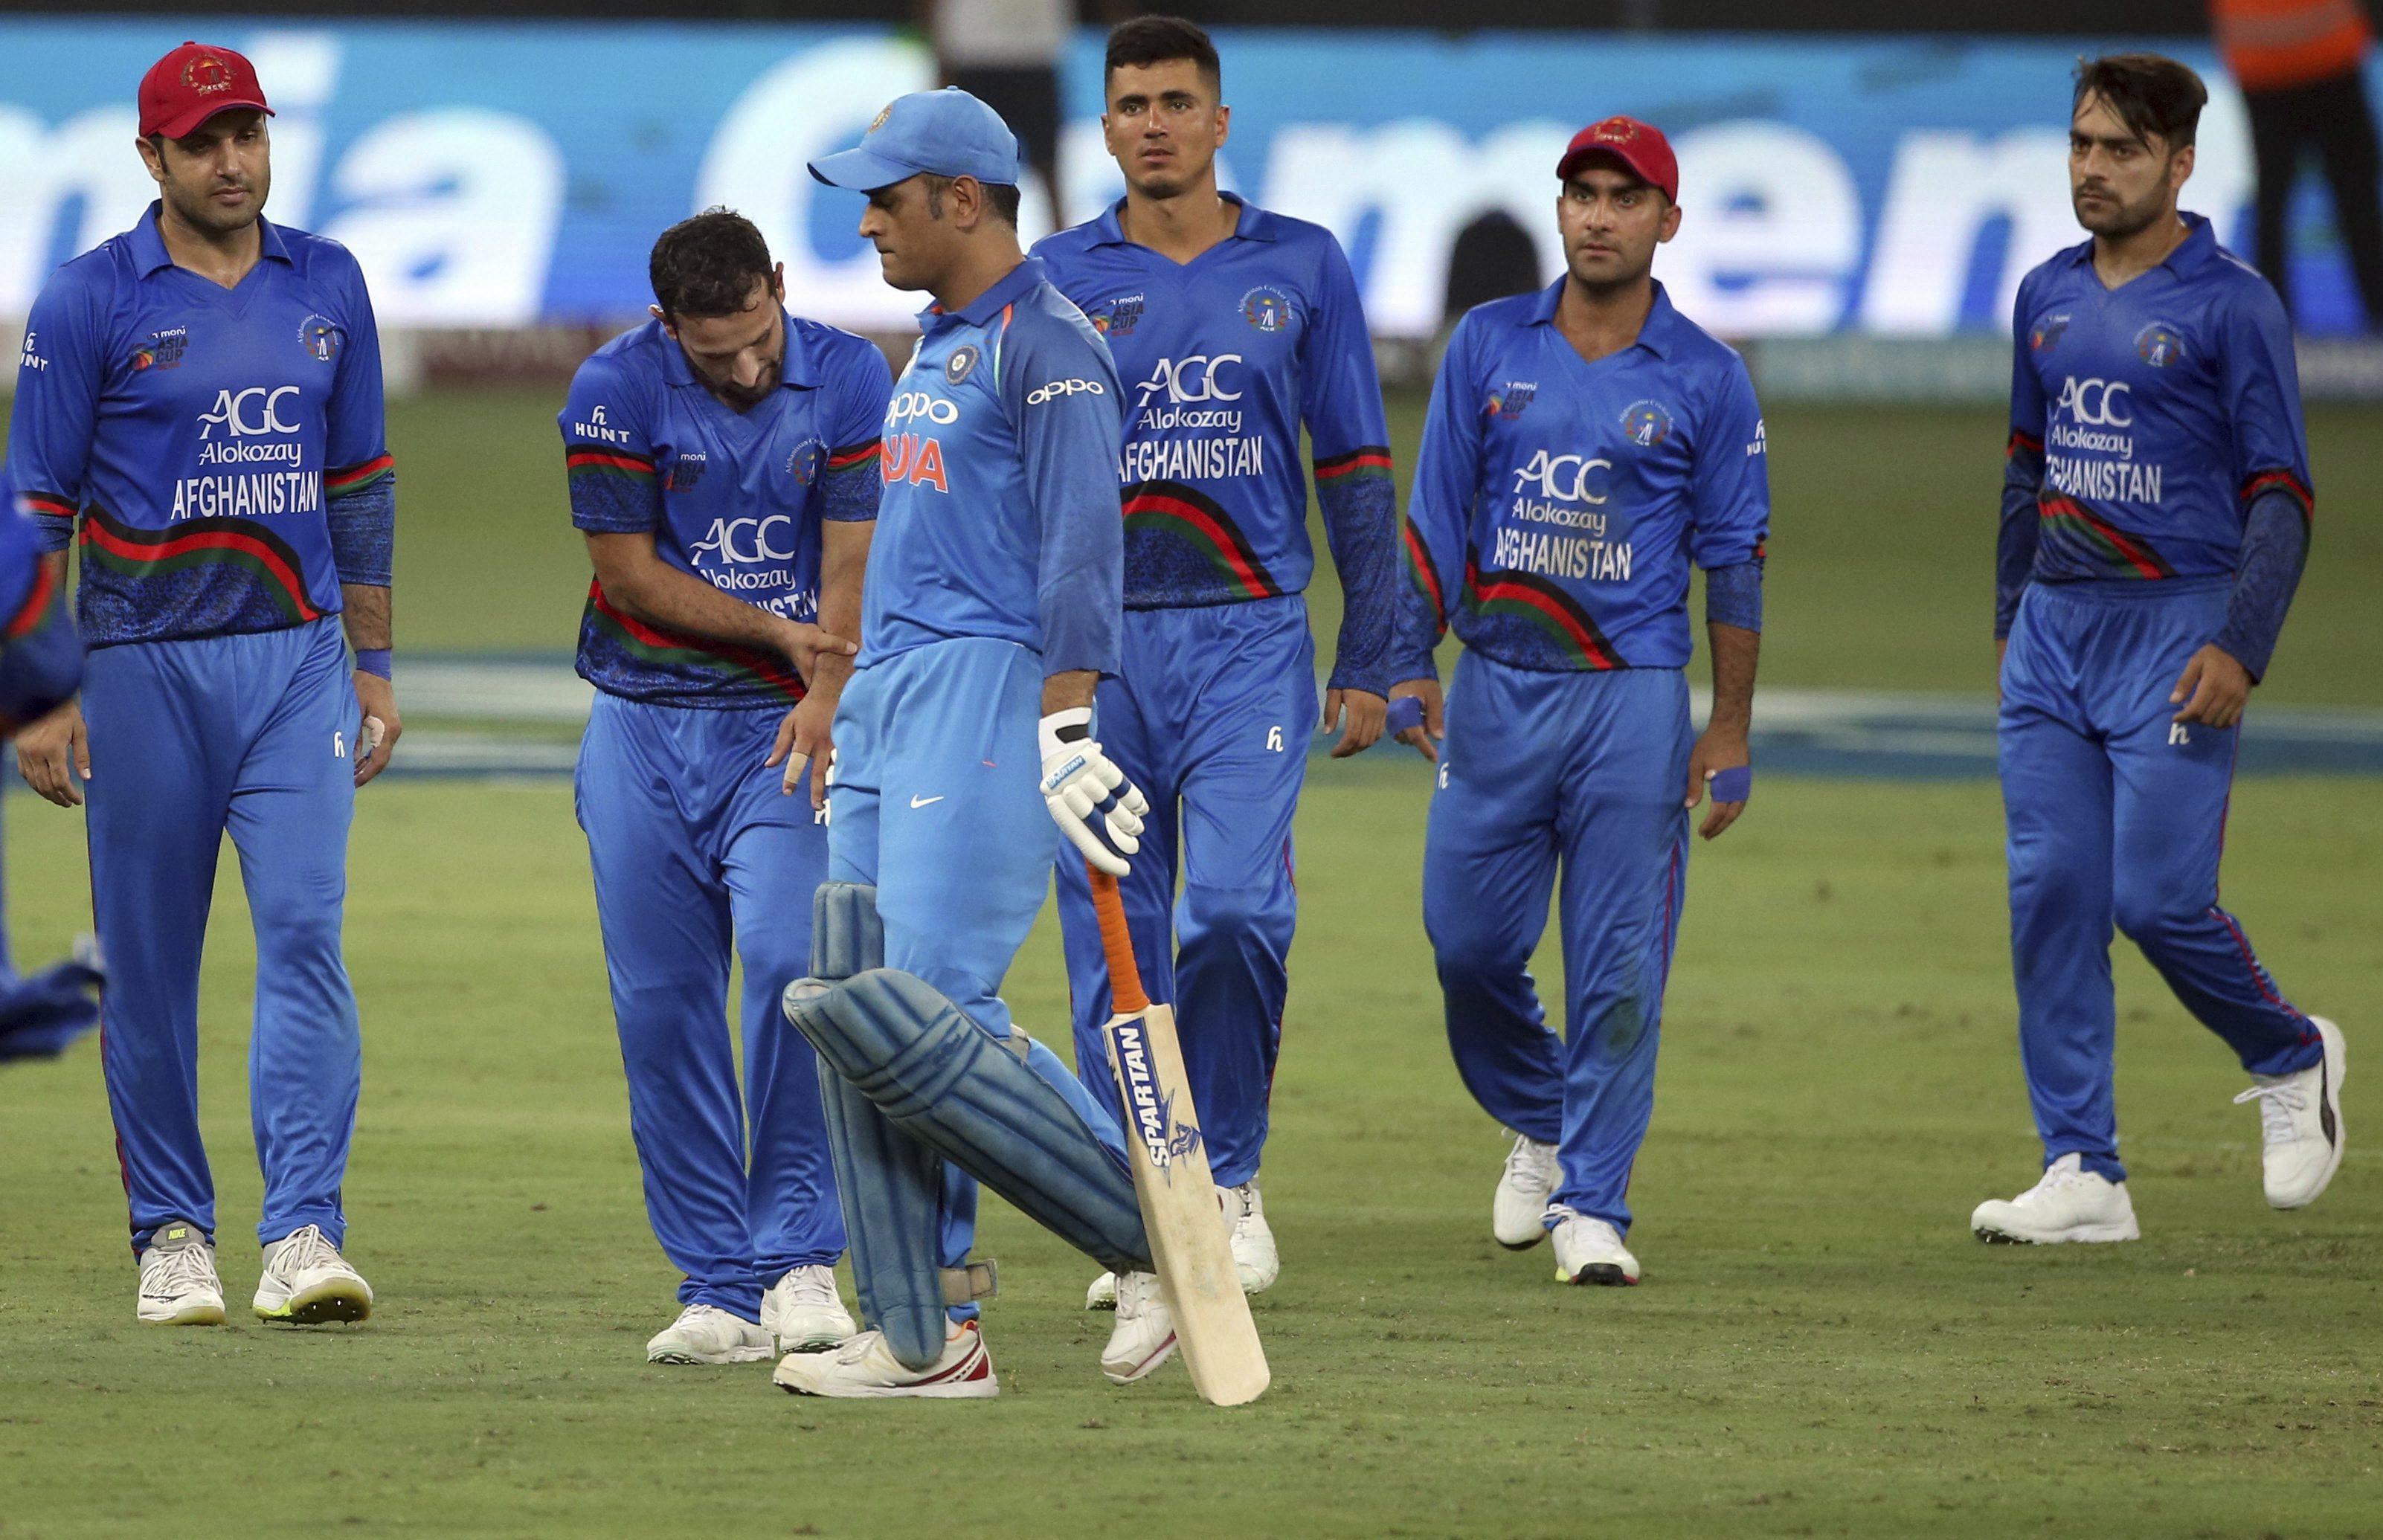 महेन्द्र सिंह धोनी को विश्वकप से पहले फॉर्म हासिल करने के लिए सुनील गावस्कर ने दी ये सलाह 1